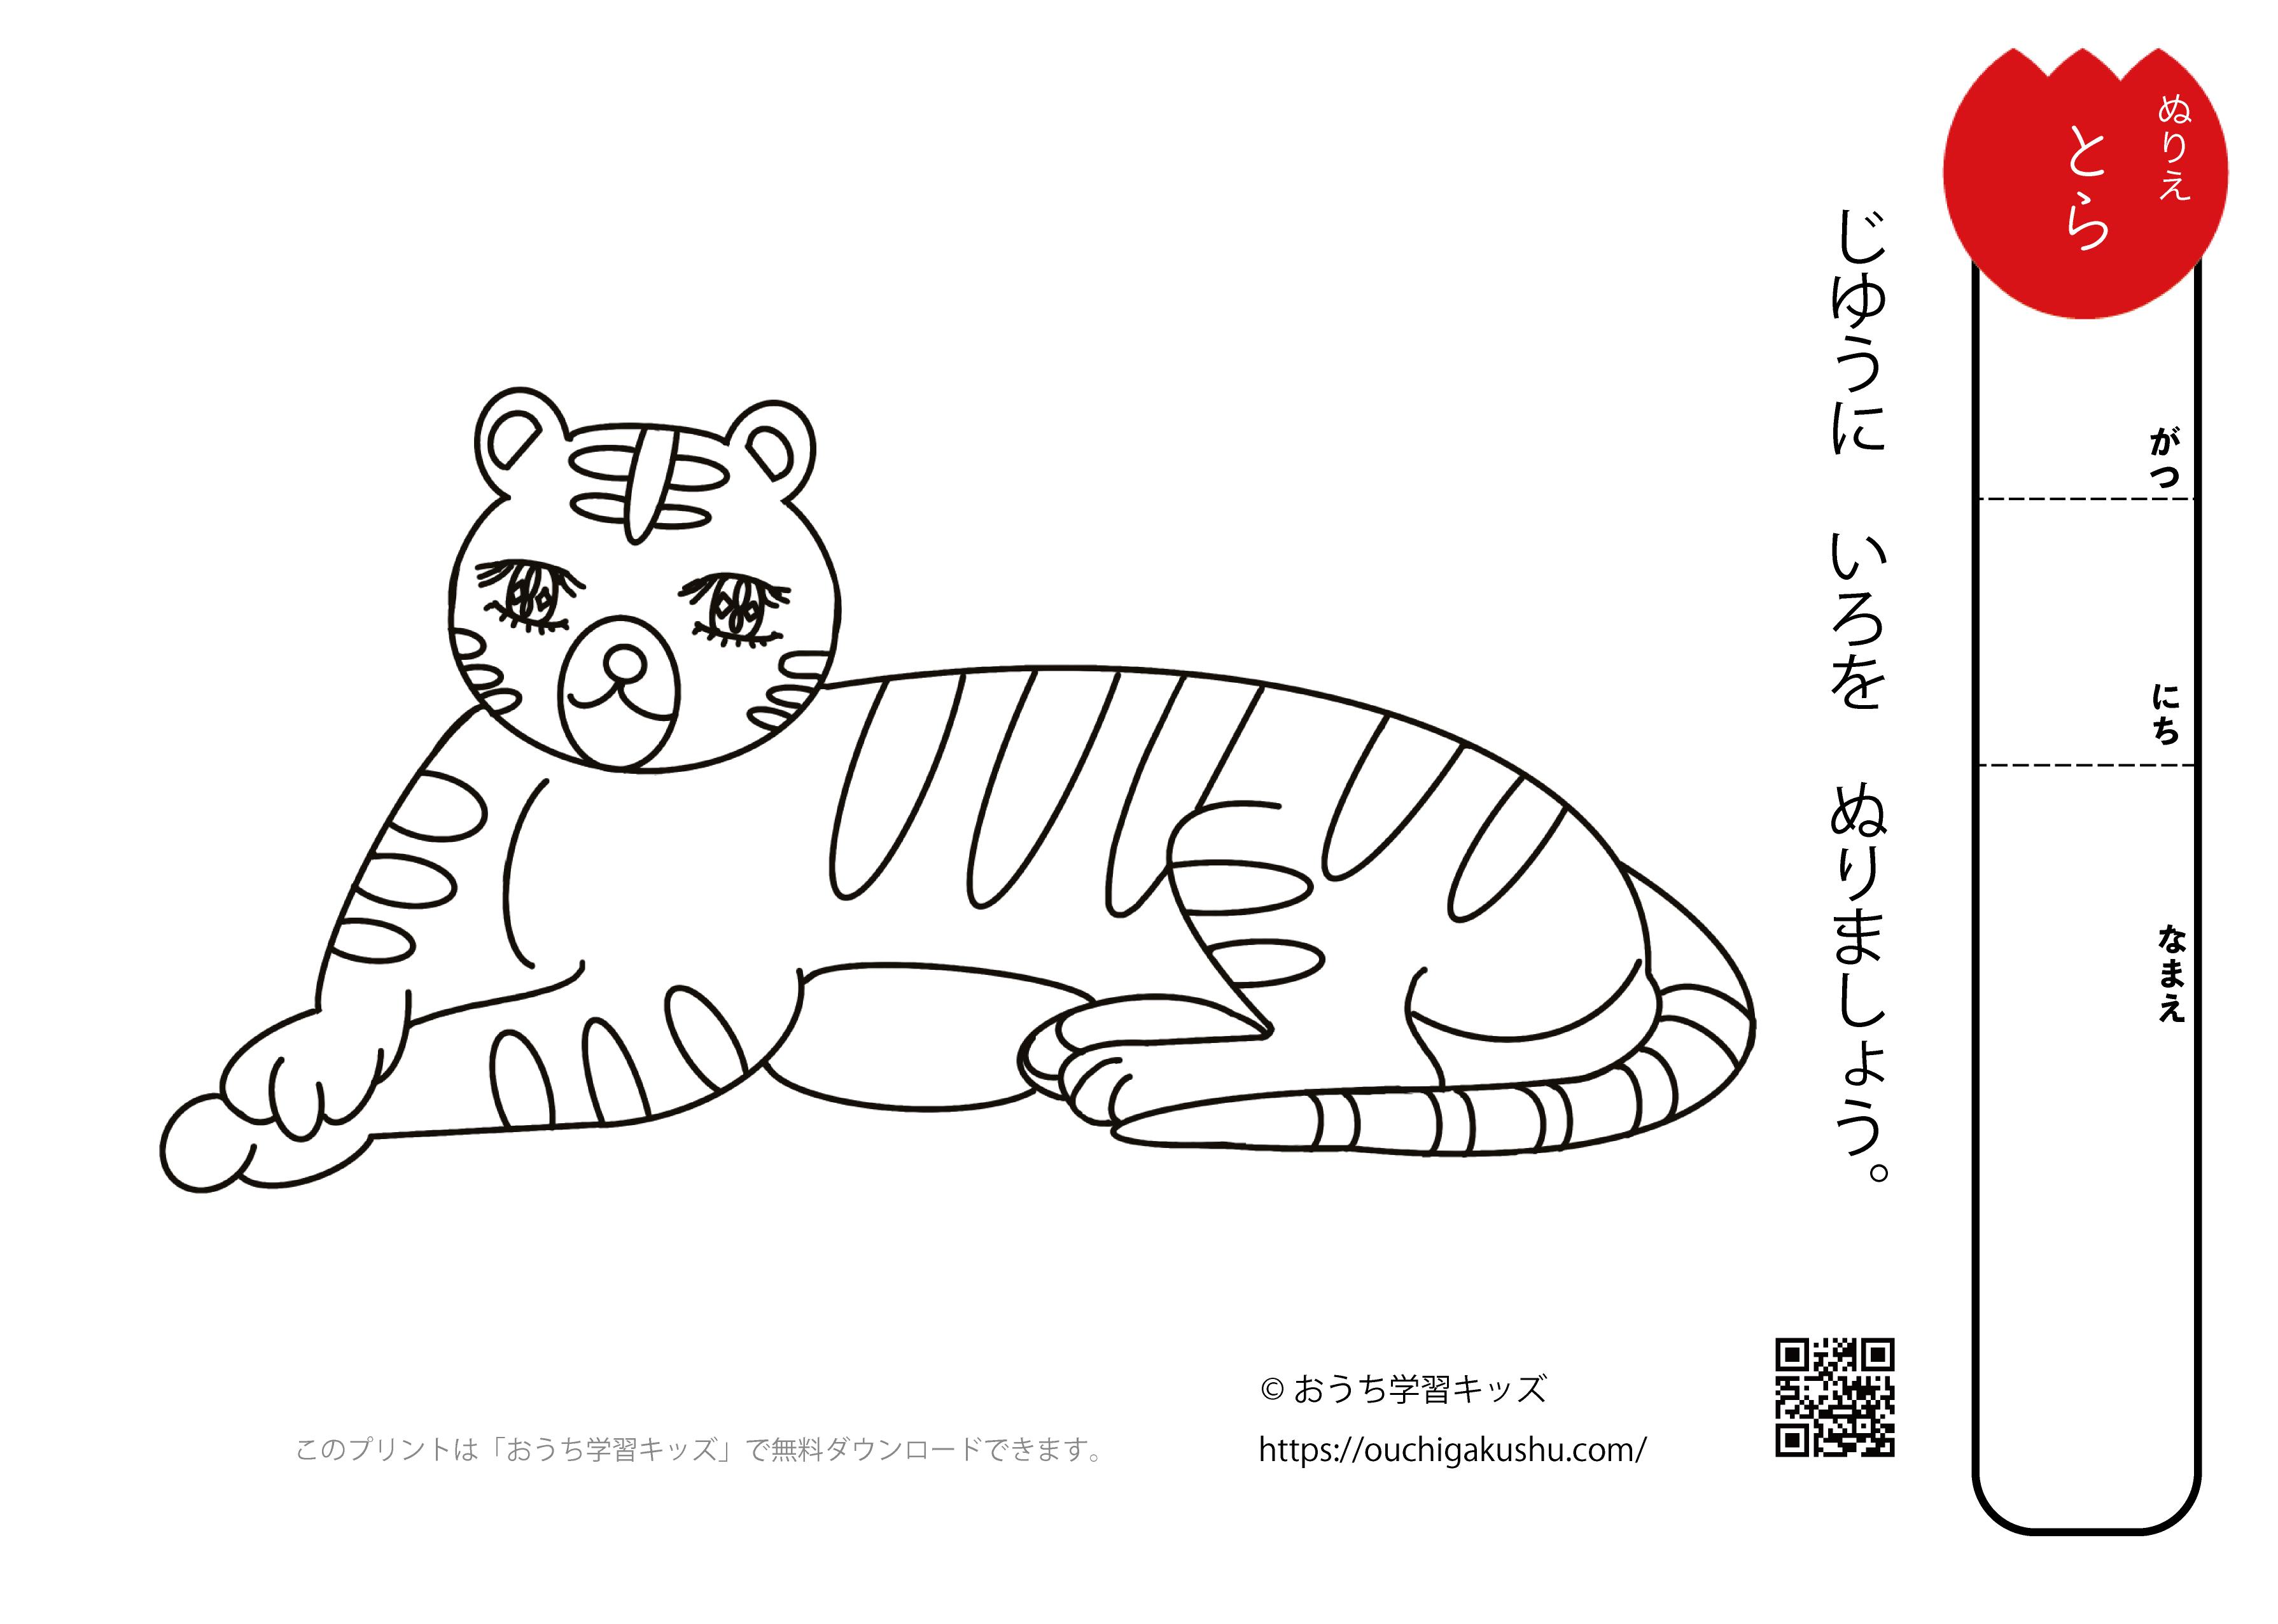 無料ぬりえプリント「トラ(虎)」